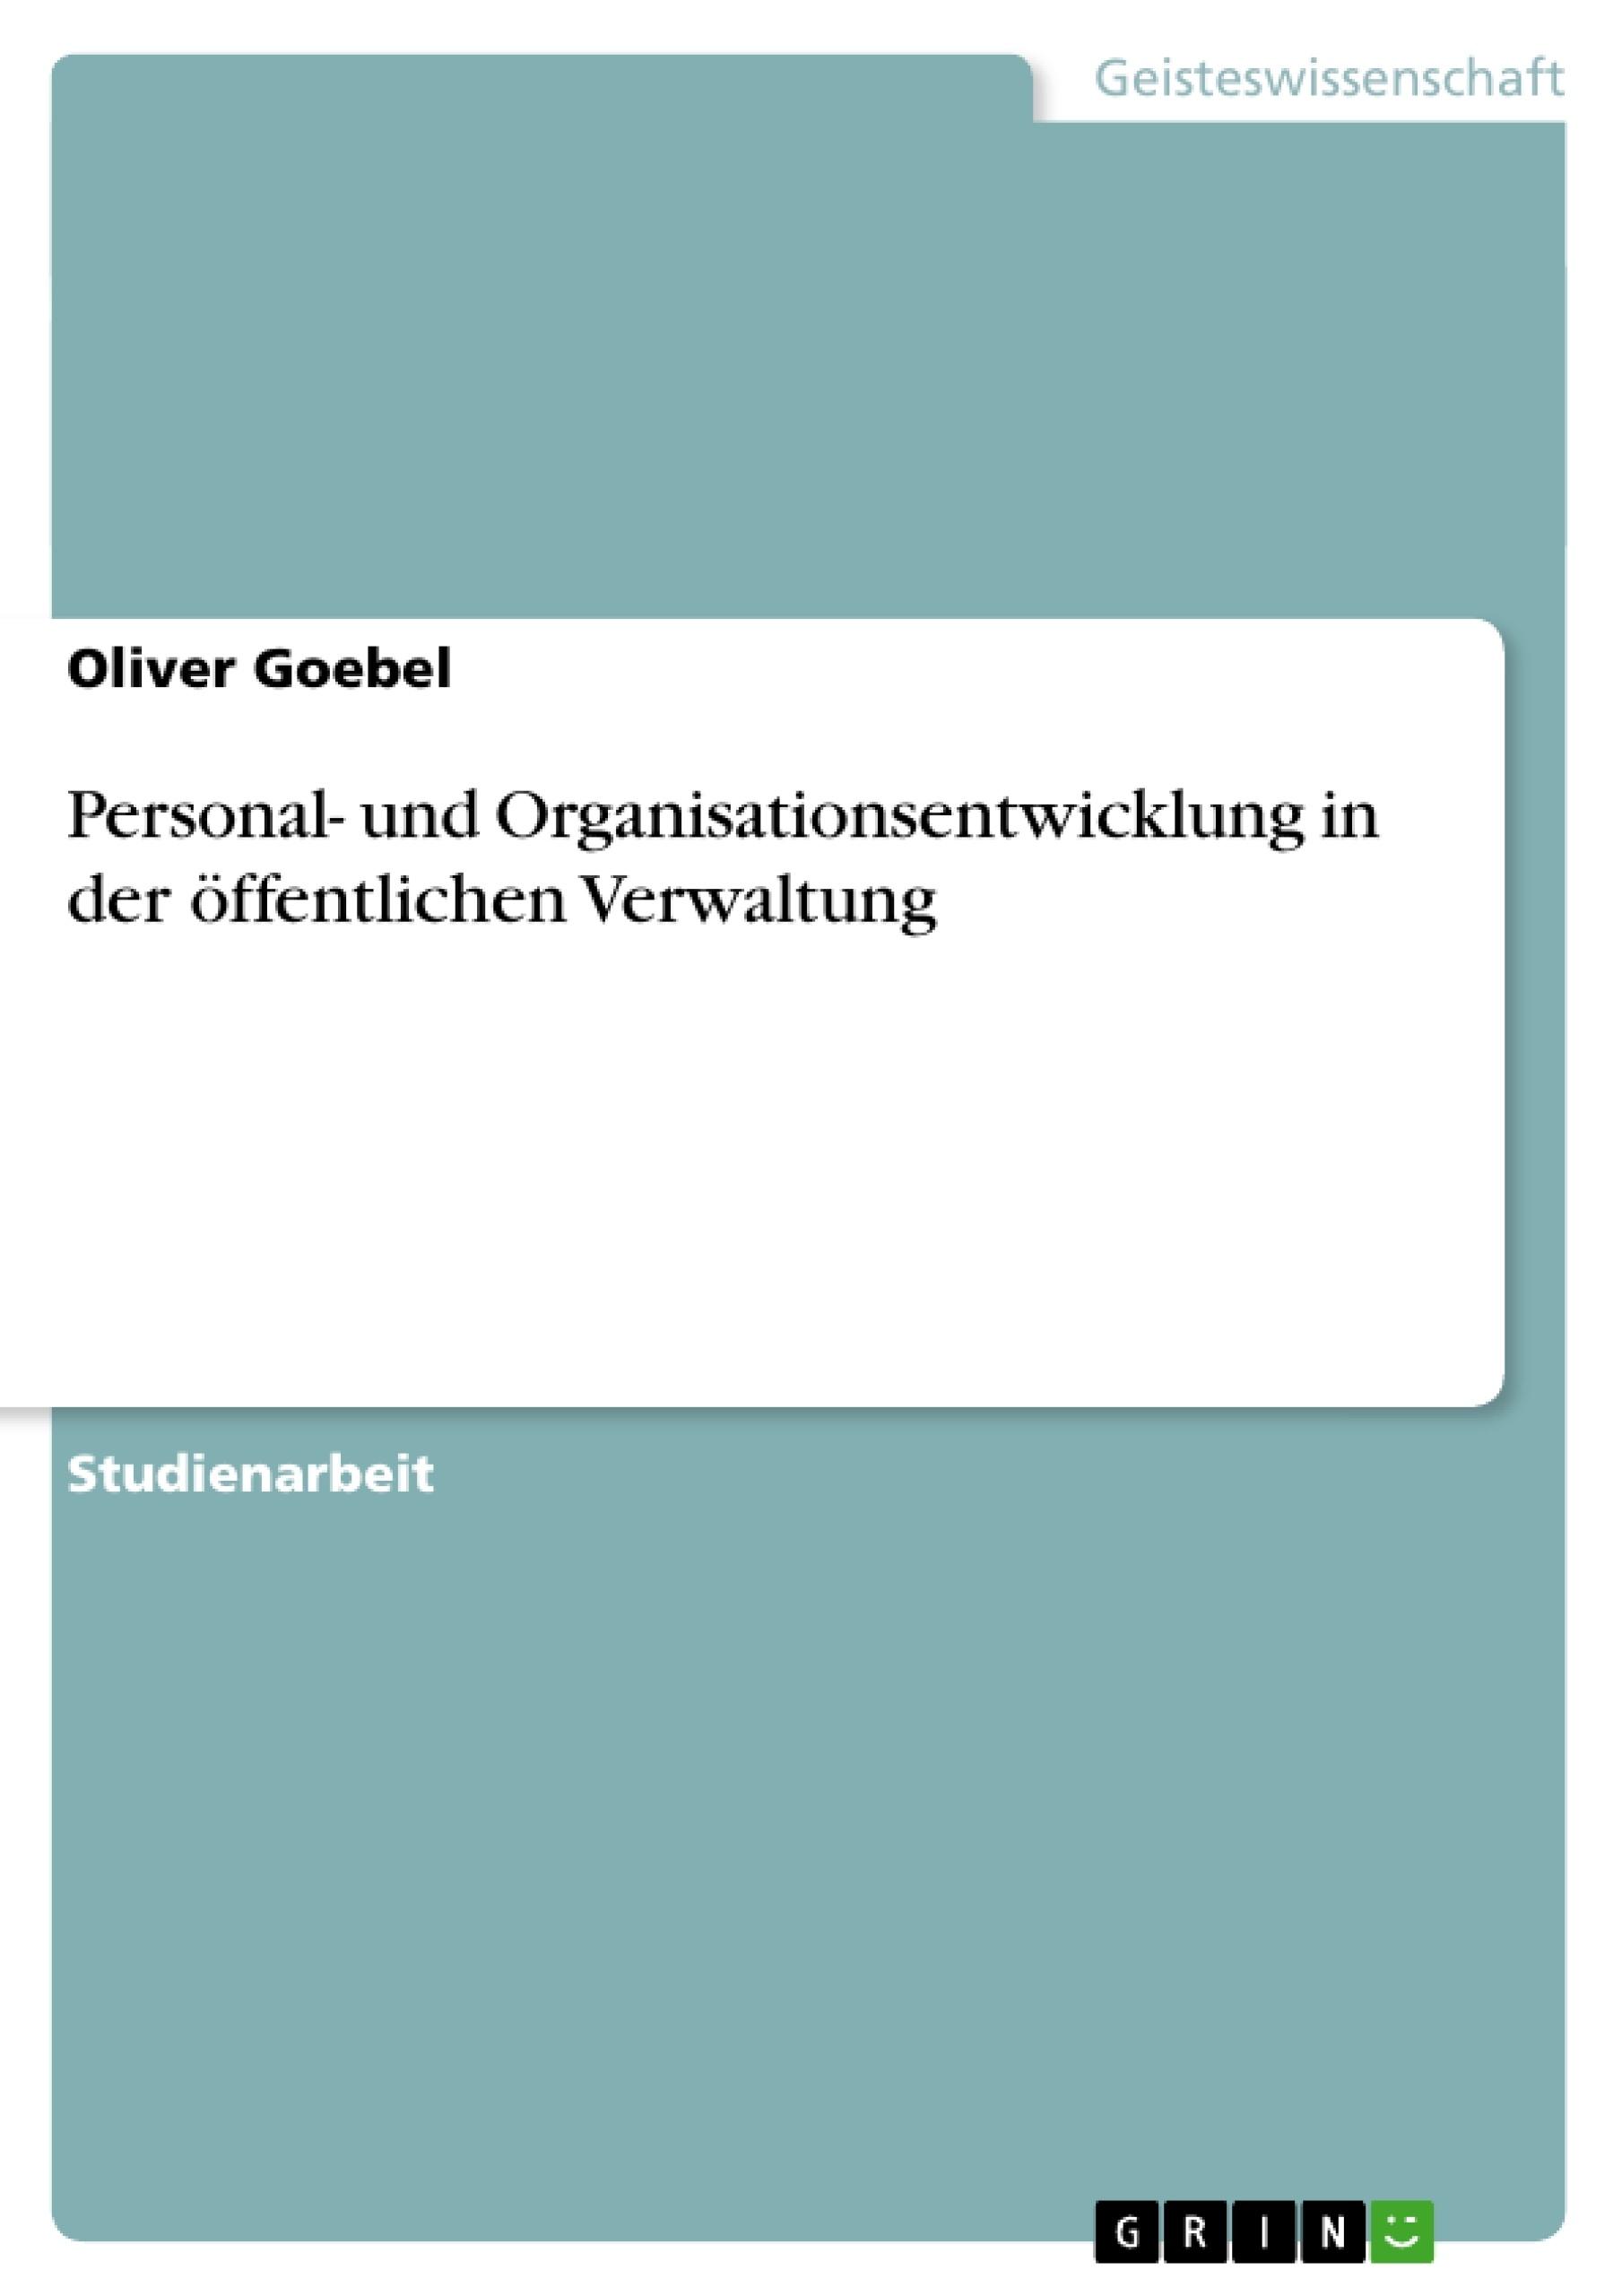 Titel: Personal- und Organisationsentwicklung in der öffentlichen Verwaltung